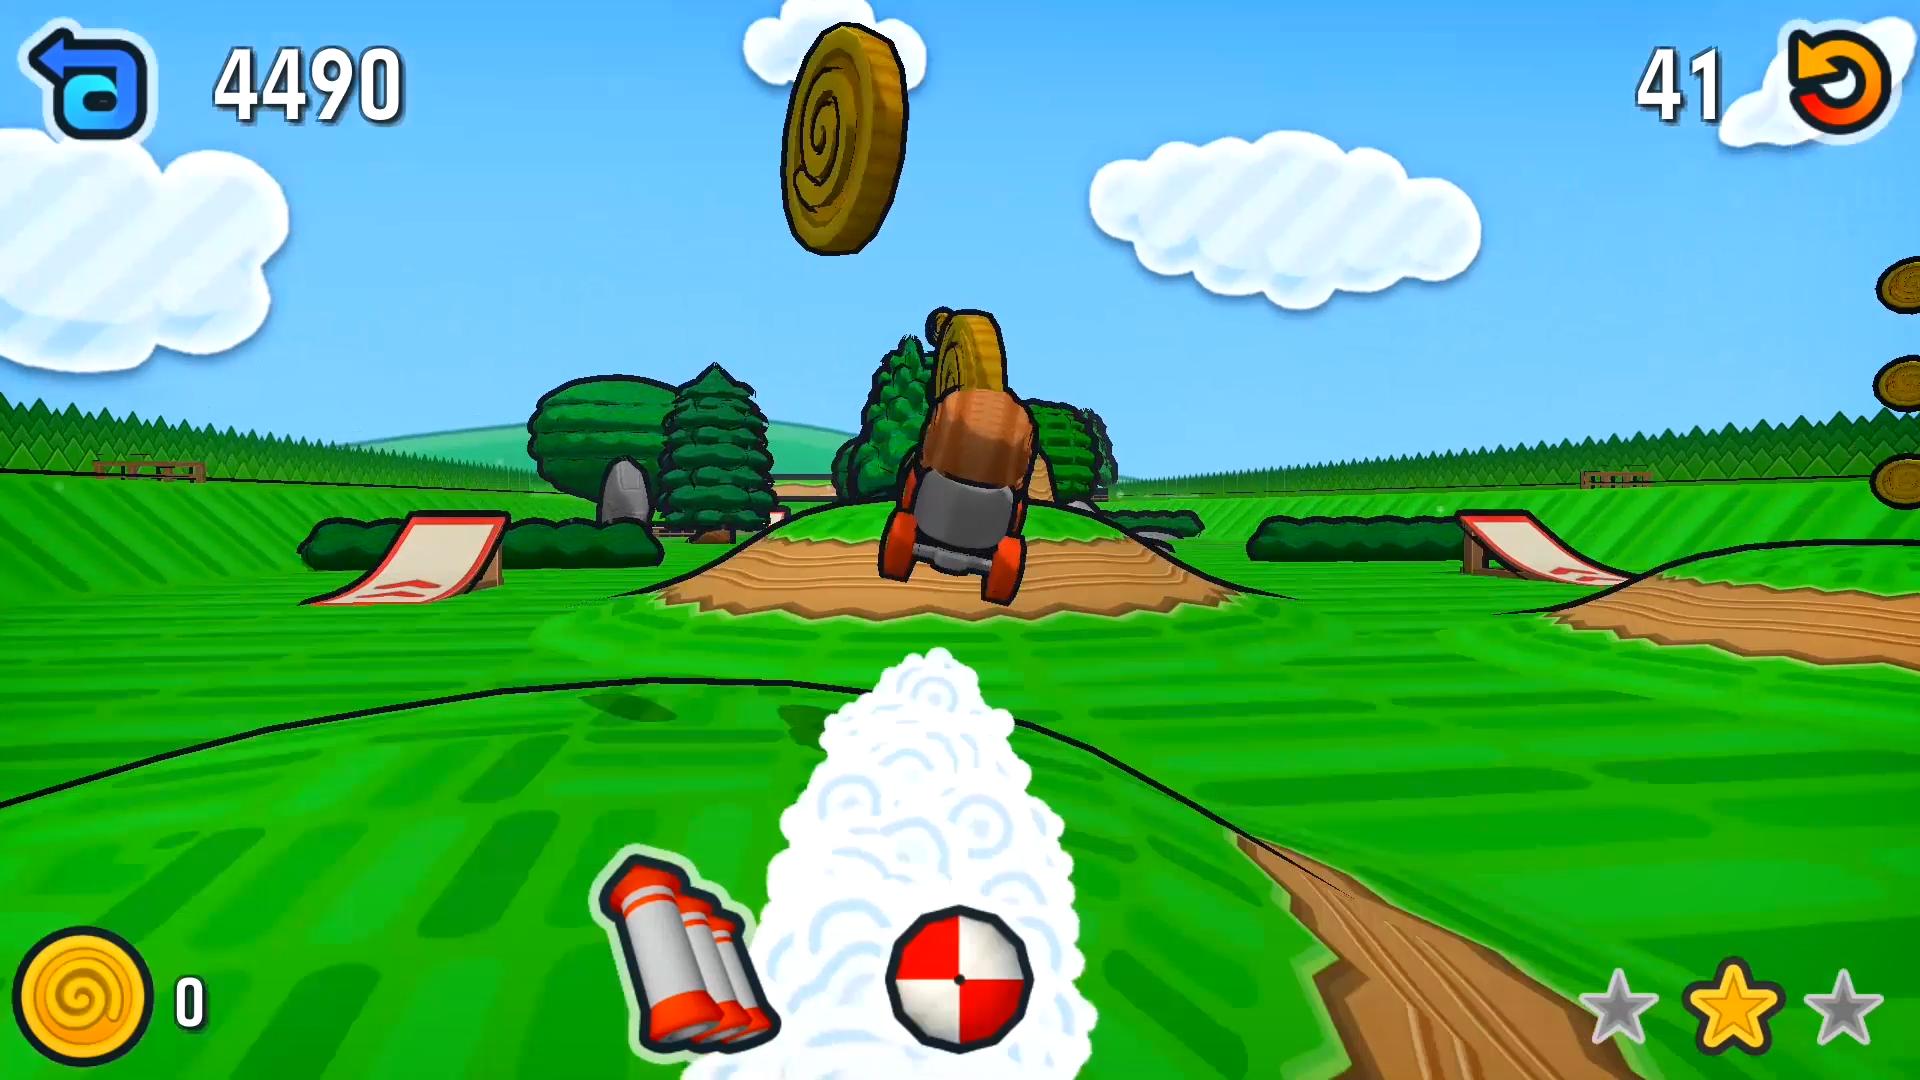 Tänane pakkumine App Store'is: Escargot Kart, Glucose Buddy + diabeedi jaoks, nupp ja palju muud!